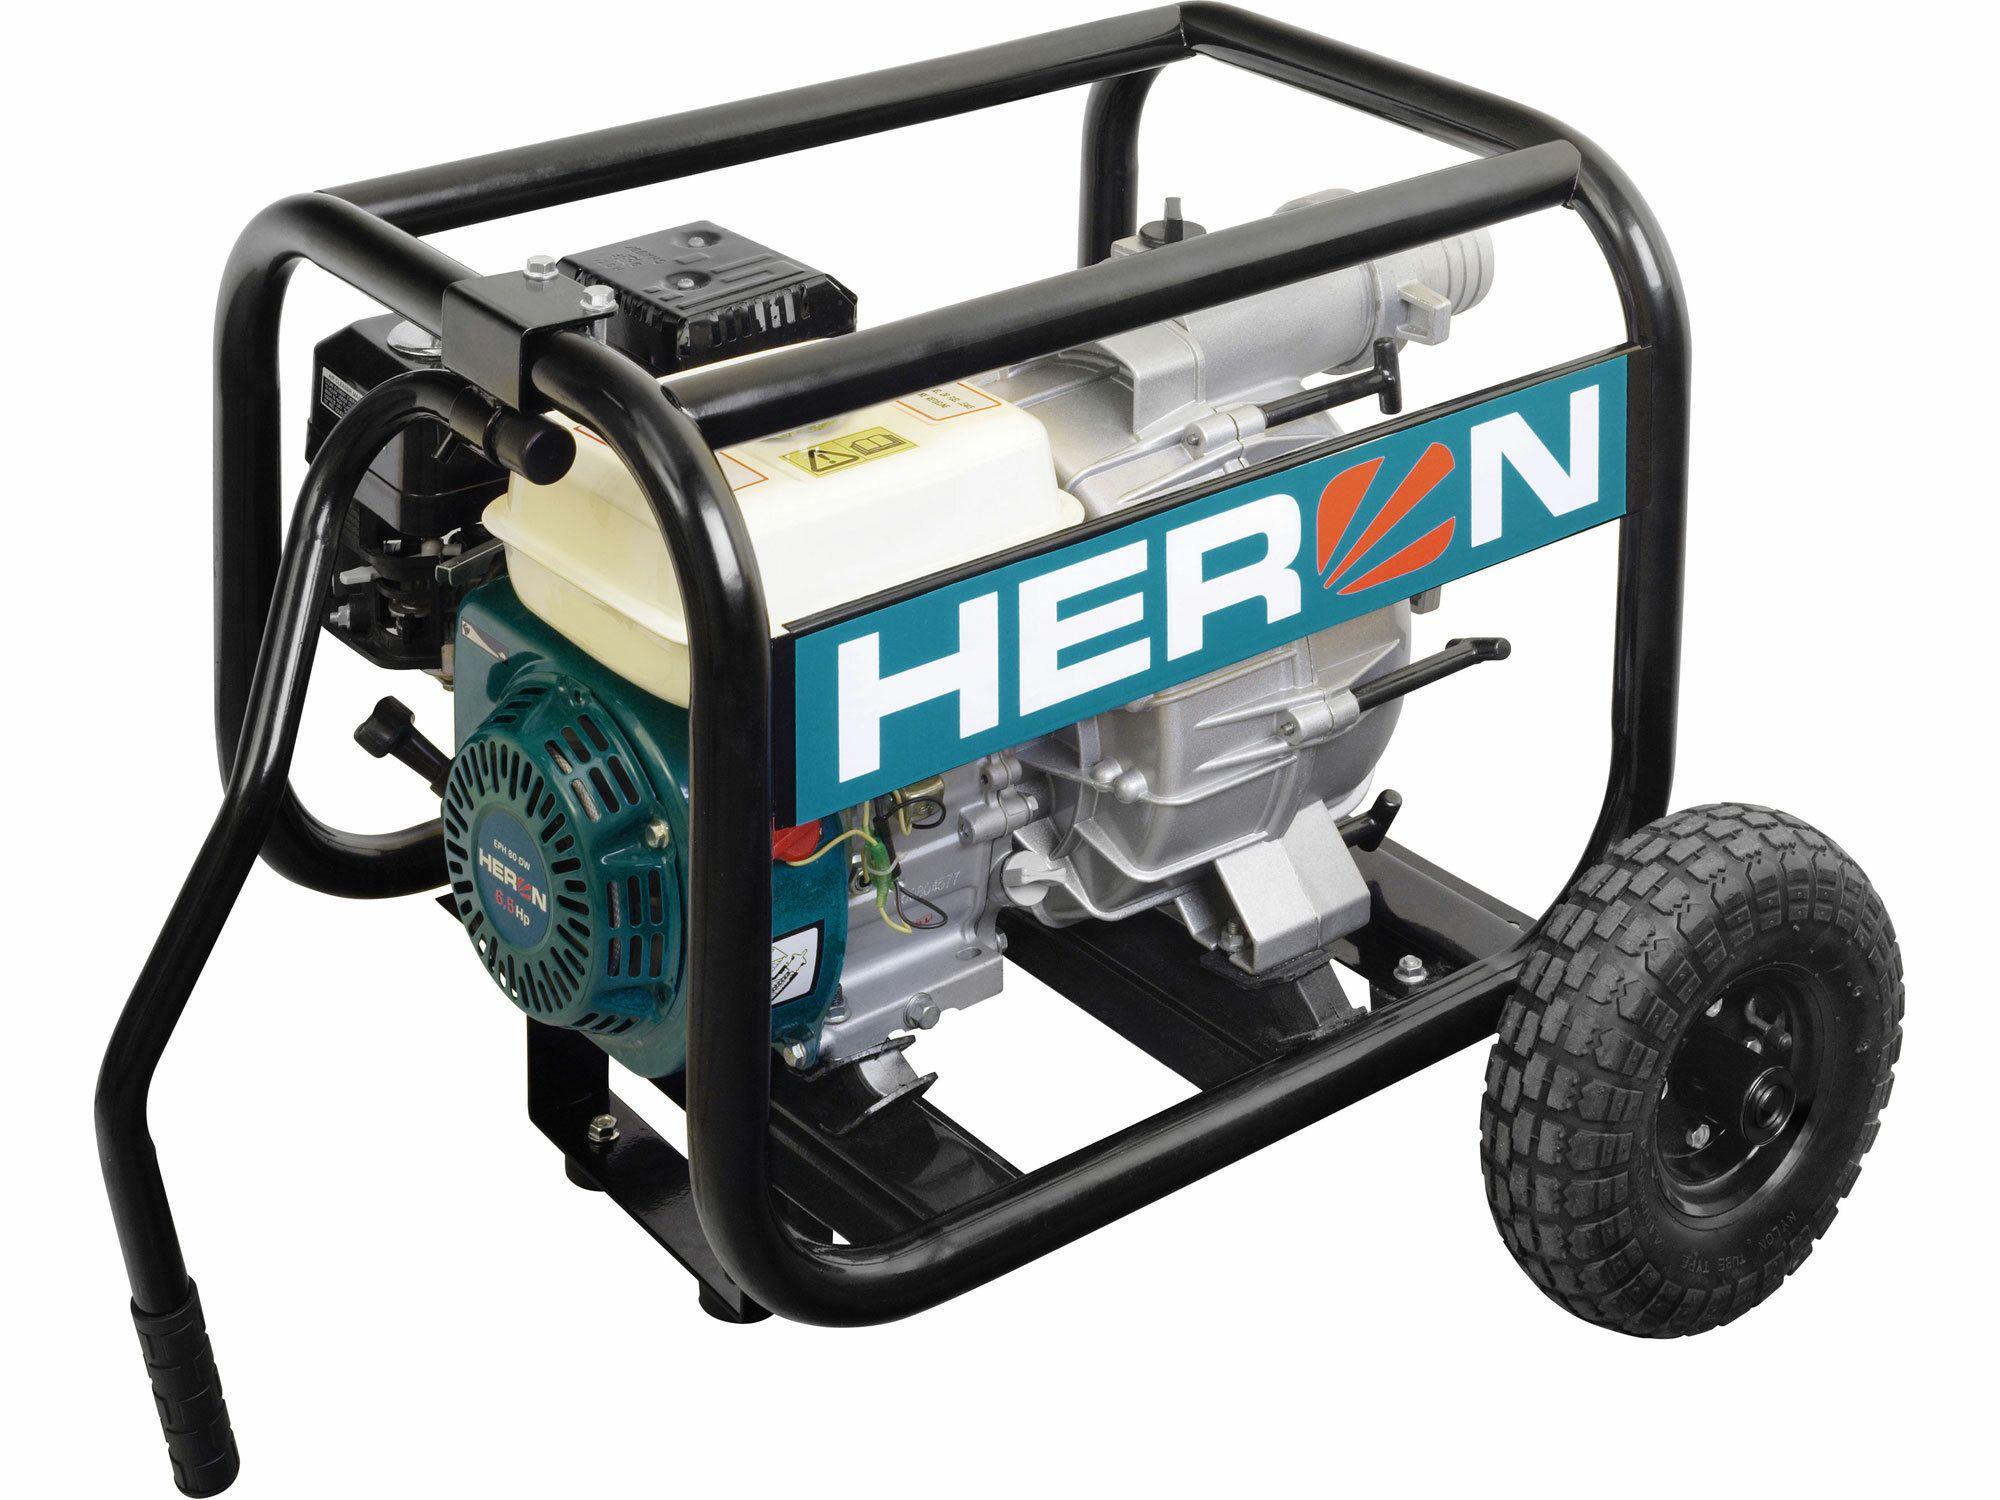 """Čerpadlo motorové kalové 6,5HP, 3""""/3"""" (76mm), 1300l/min = 78m3/hod, záruka 3 roky HERON"""